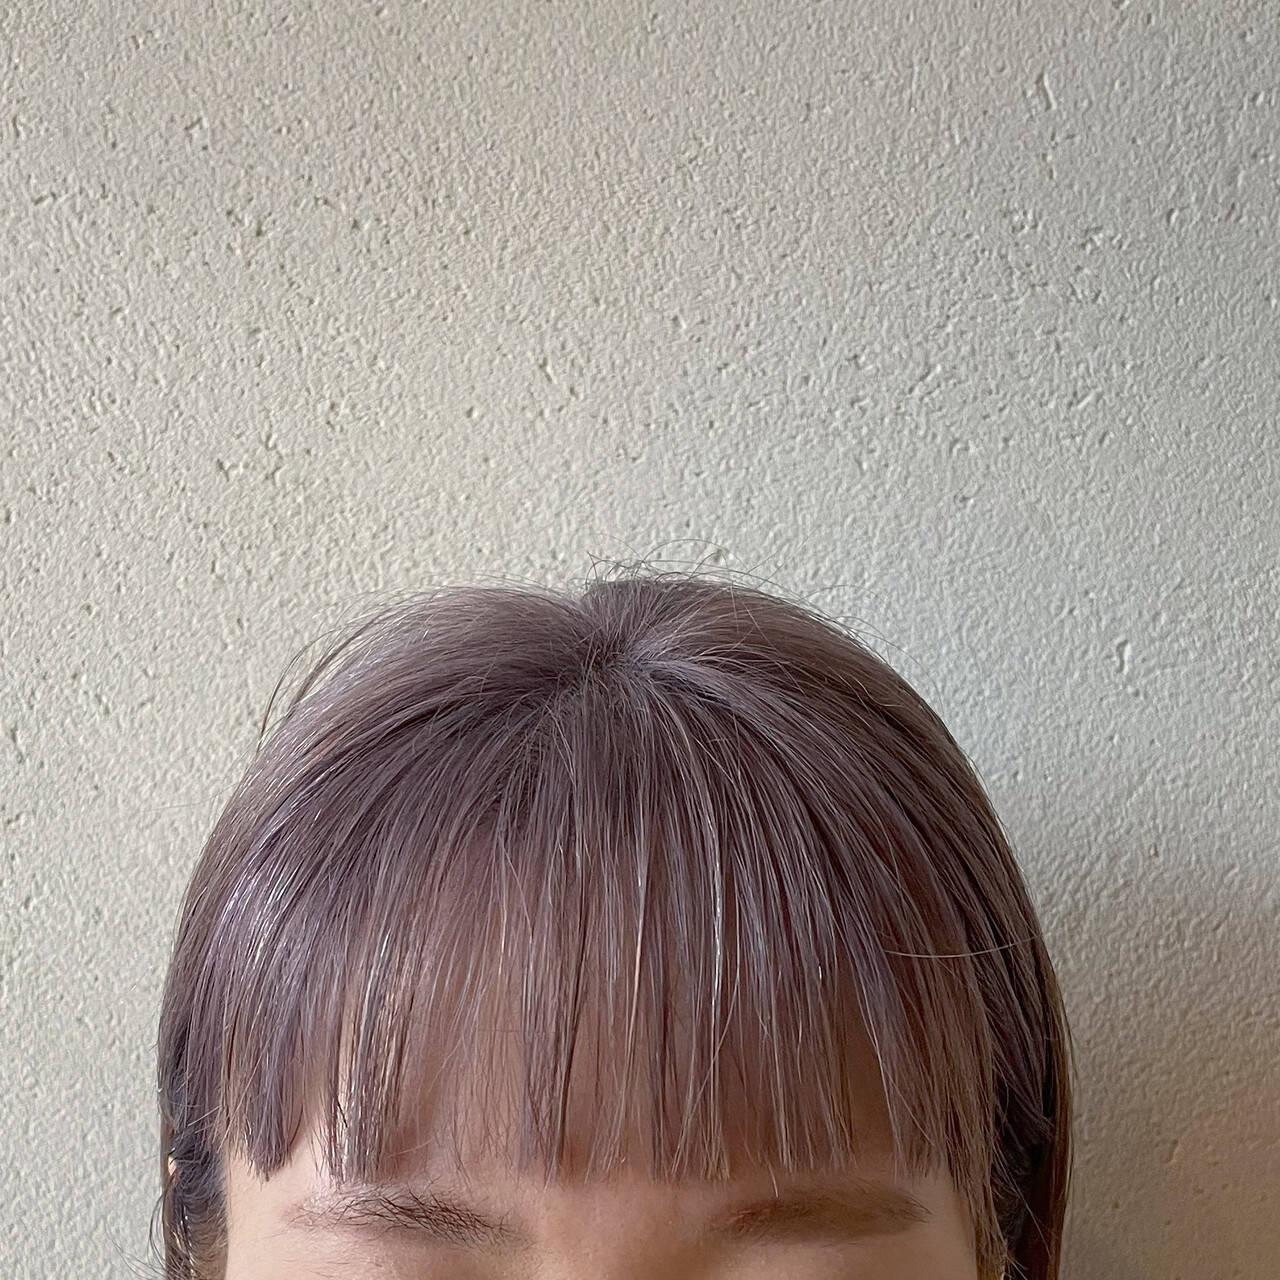 ラベンダーアッシュ ボブ ラベンダーカラー ラベンダーヘアスタイルや髪型の写真・画像